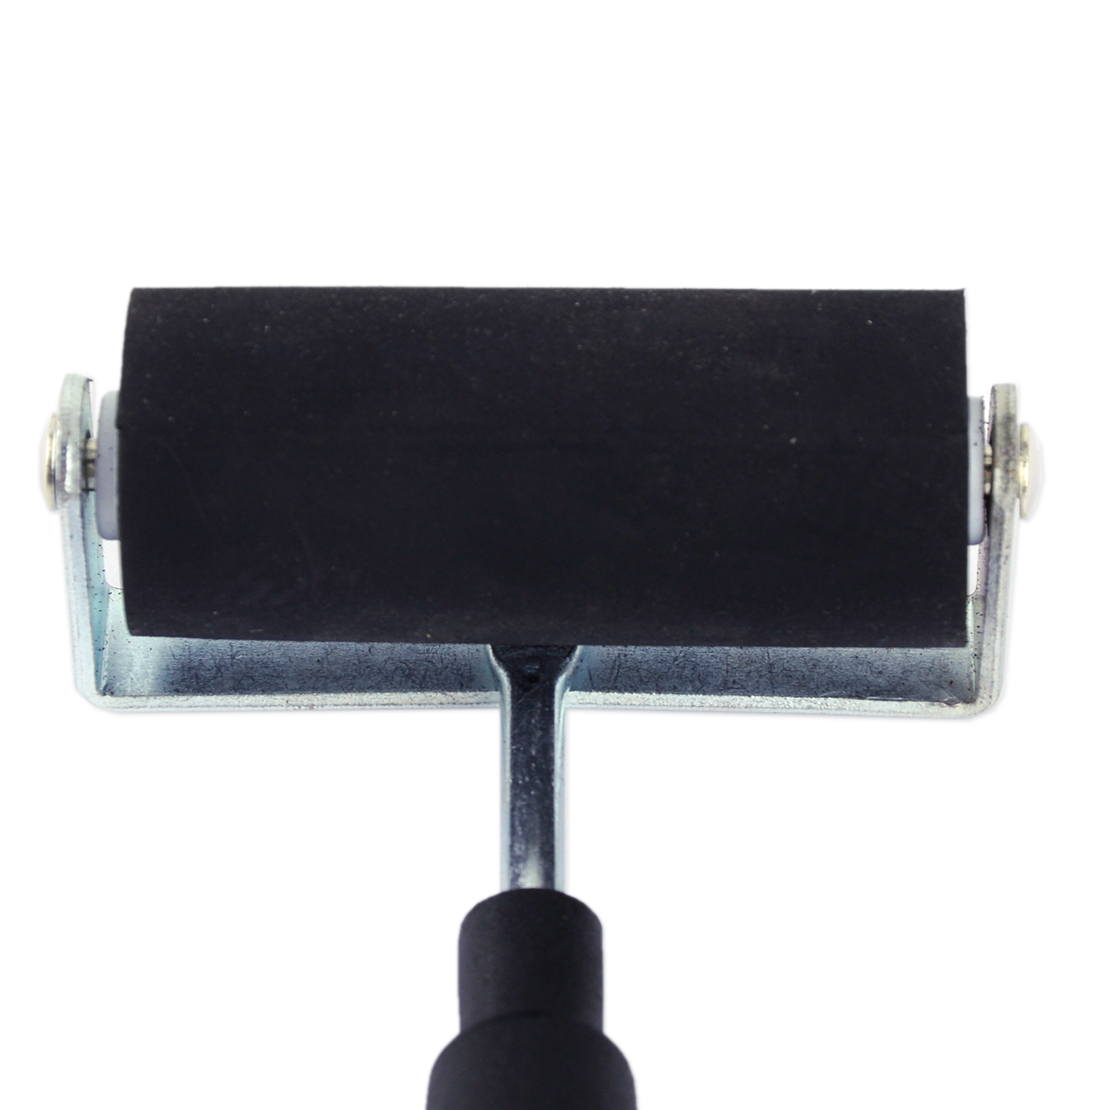 Roller Farbrolle Lackrollen Lackwalzen für Handwerk Kunst Blockdruck ly